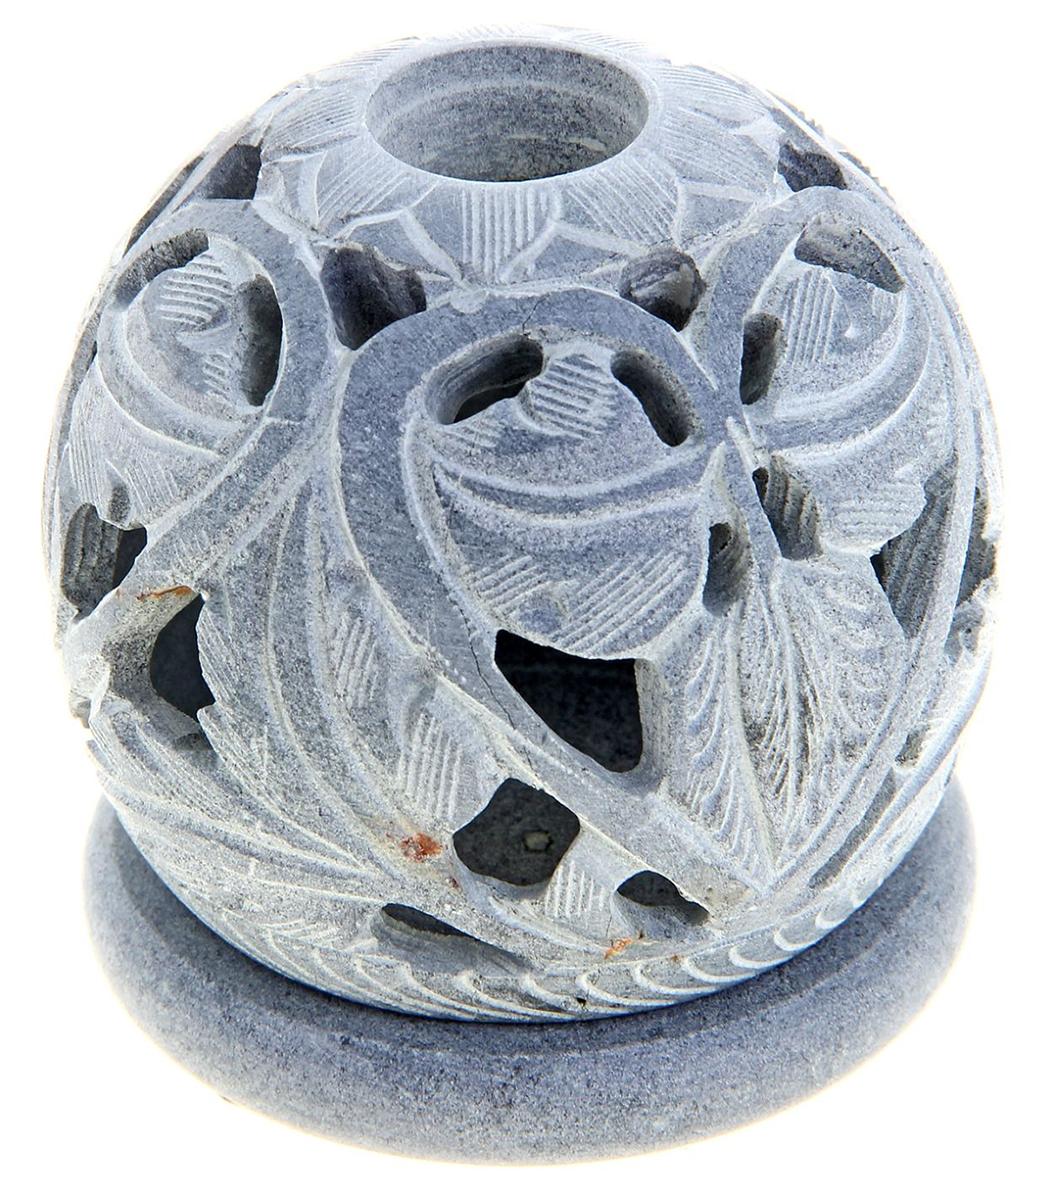 Подсвечник-шар Разум, цвет: белый, серый, 7 х 7 х 7,5 см866720Искусные индийские мастера выполнили Подсвечник-шар Разум из стеатита в соответствии с древними традициями обработки камня. Посмотрите на узор этого прекрасного изделия, от него невозможно оторвать свой взгляд, проработано все до мельчайших деталей. Вы также можете вставить в серединку ароматическую палочку, а если снять шар, то изумительный подсвечник легким движением руки превратится в подставку под благовония-конус или же подсвечник для толстых свечей. Универсальная вещь, которая придаст нотку азиатской экзотики в привычную обстановку.